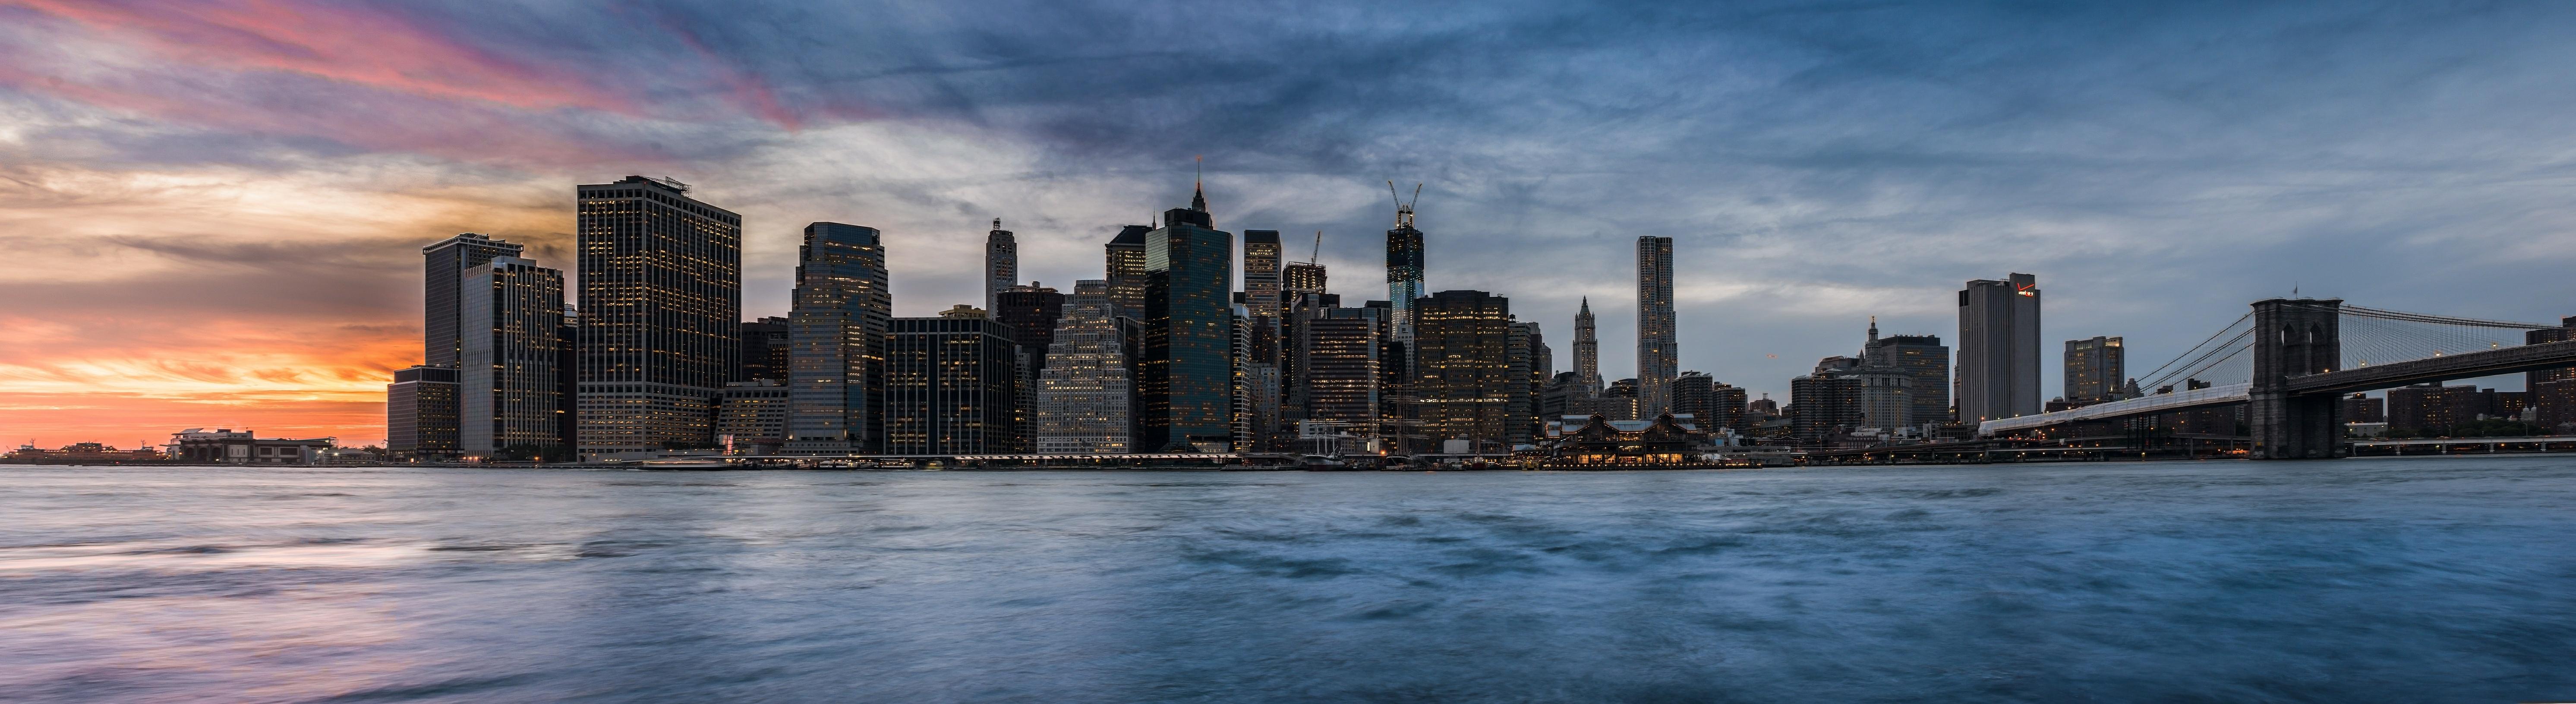 en nueva york podrs asistir a un musical en broadway pasar una noche en times square conocer la isla de ellis recorrer de un lado a otro el puente de